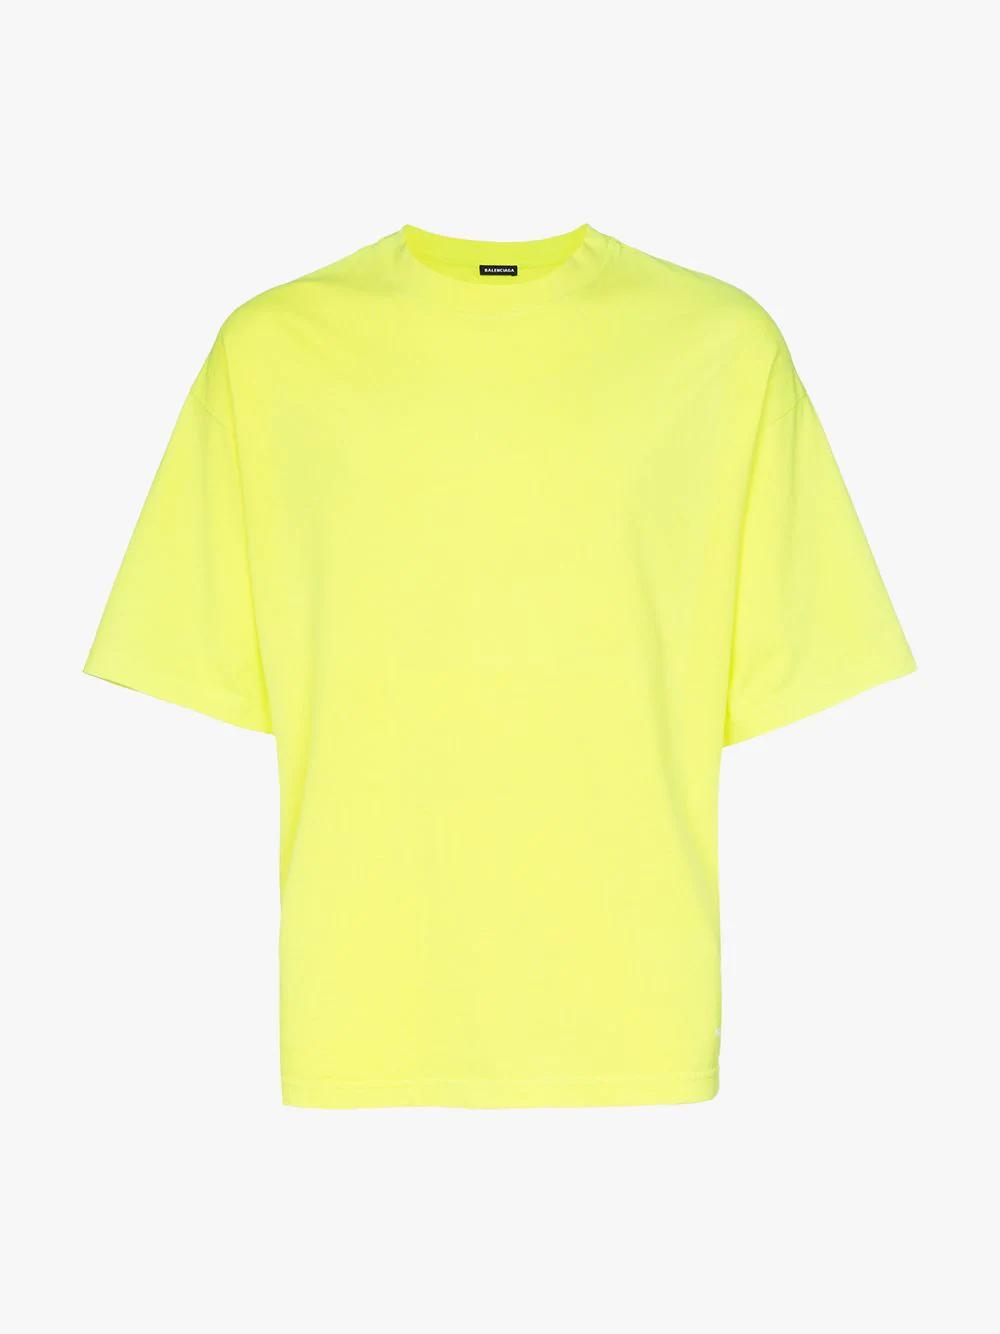 951df3a94847 Balenciaga Logo-Embroidered Cotton-Jersey T-Shirt - Yellow | ModeSens